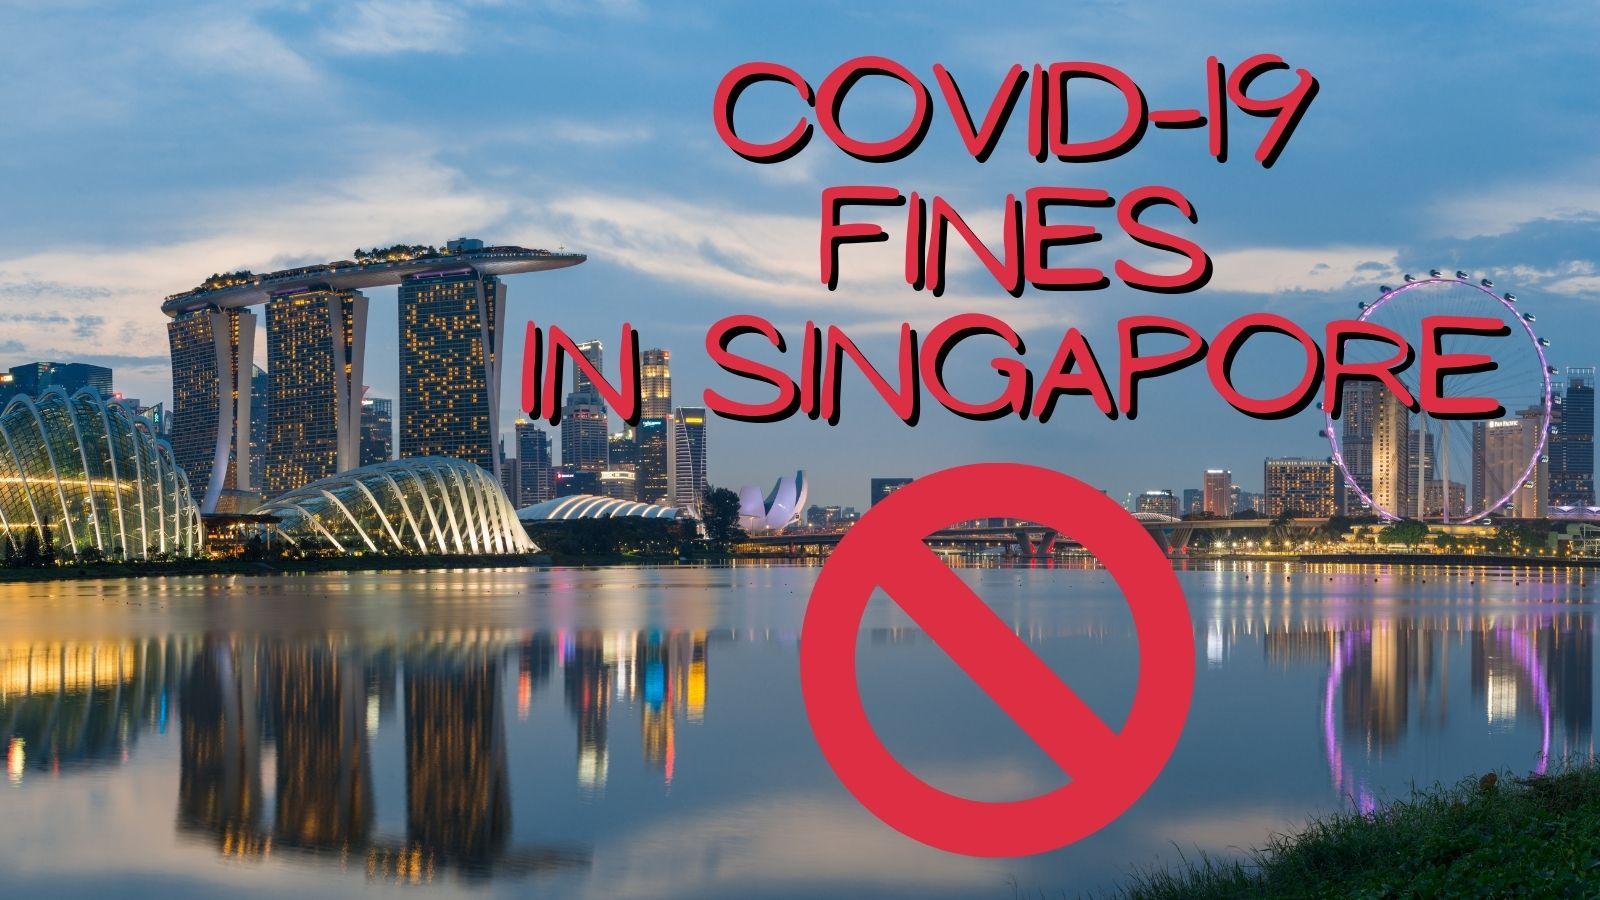 sgfinecity covid fines